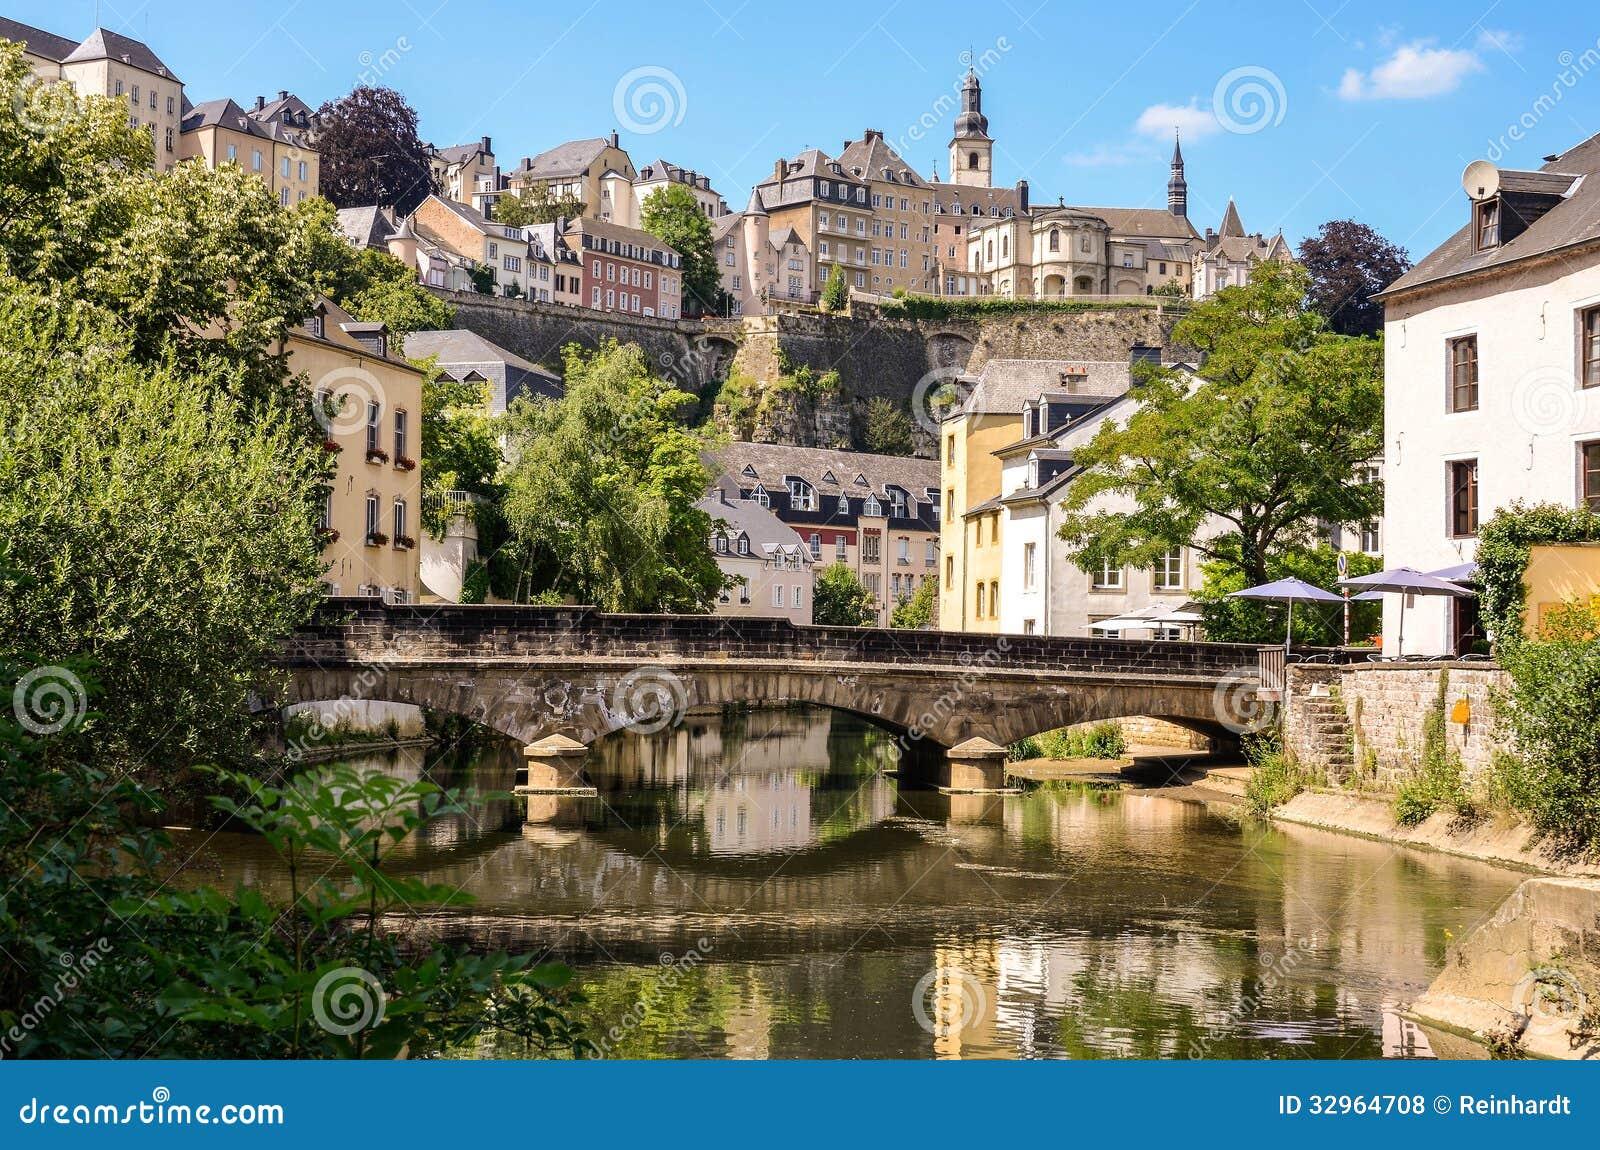 La ville du luxembourg grund pont au dessus de rivi re d for Piscine jardin du luxembourg